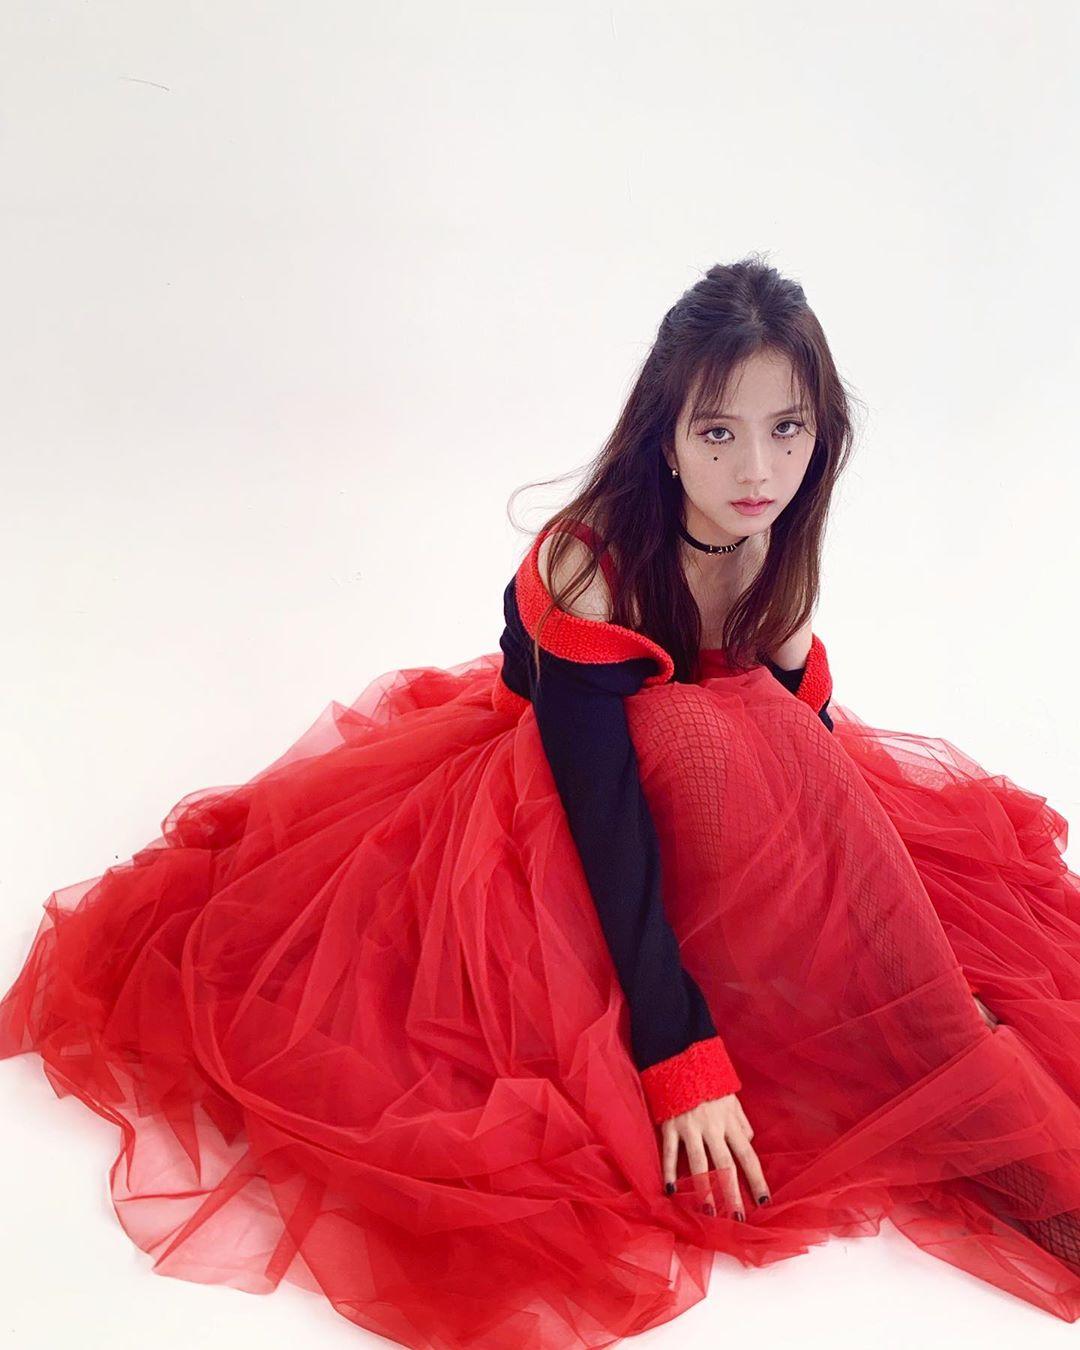 jisoo red dress2